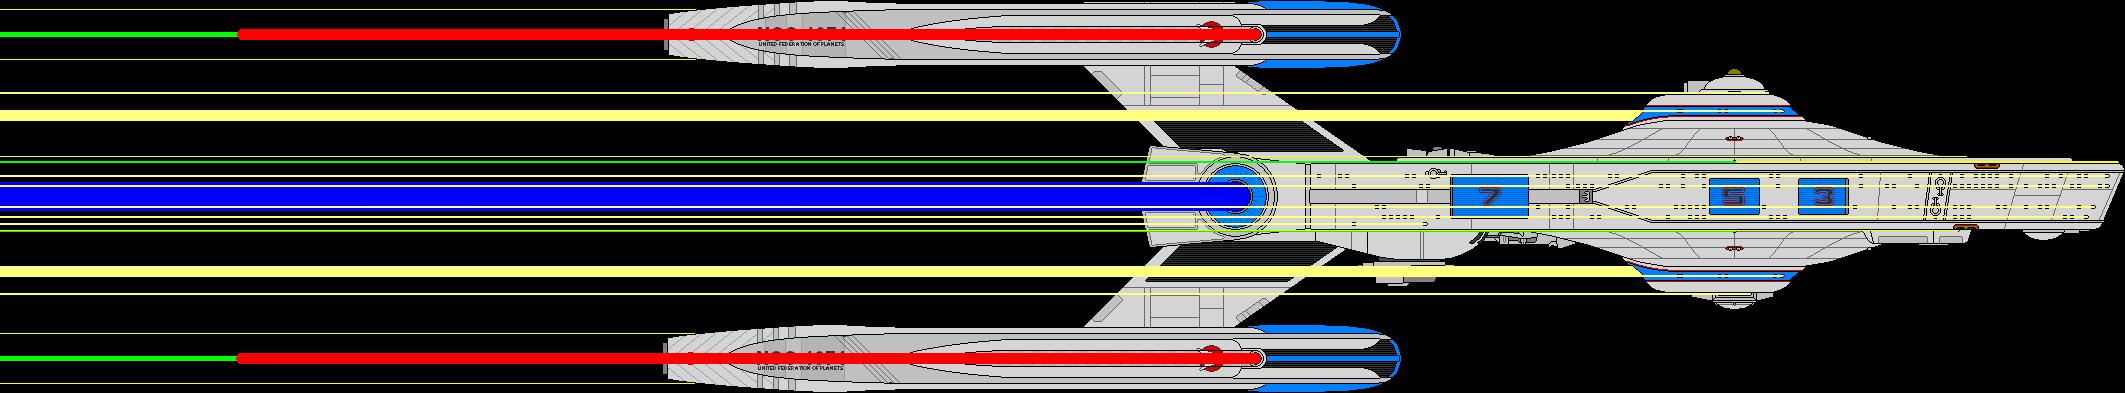 Stargazer at Warp by SpiderTrekfan616